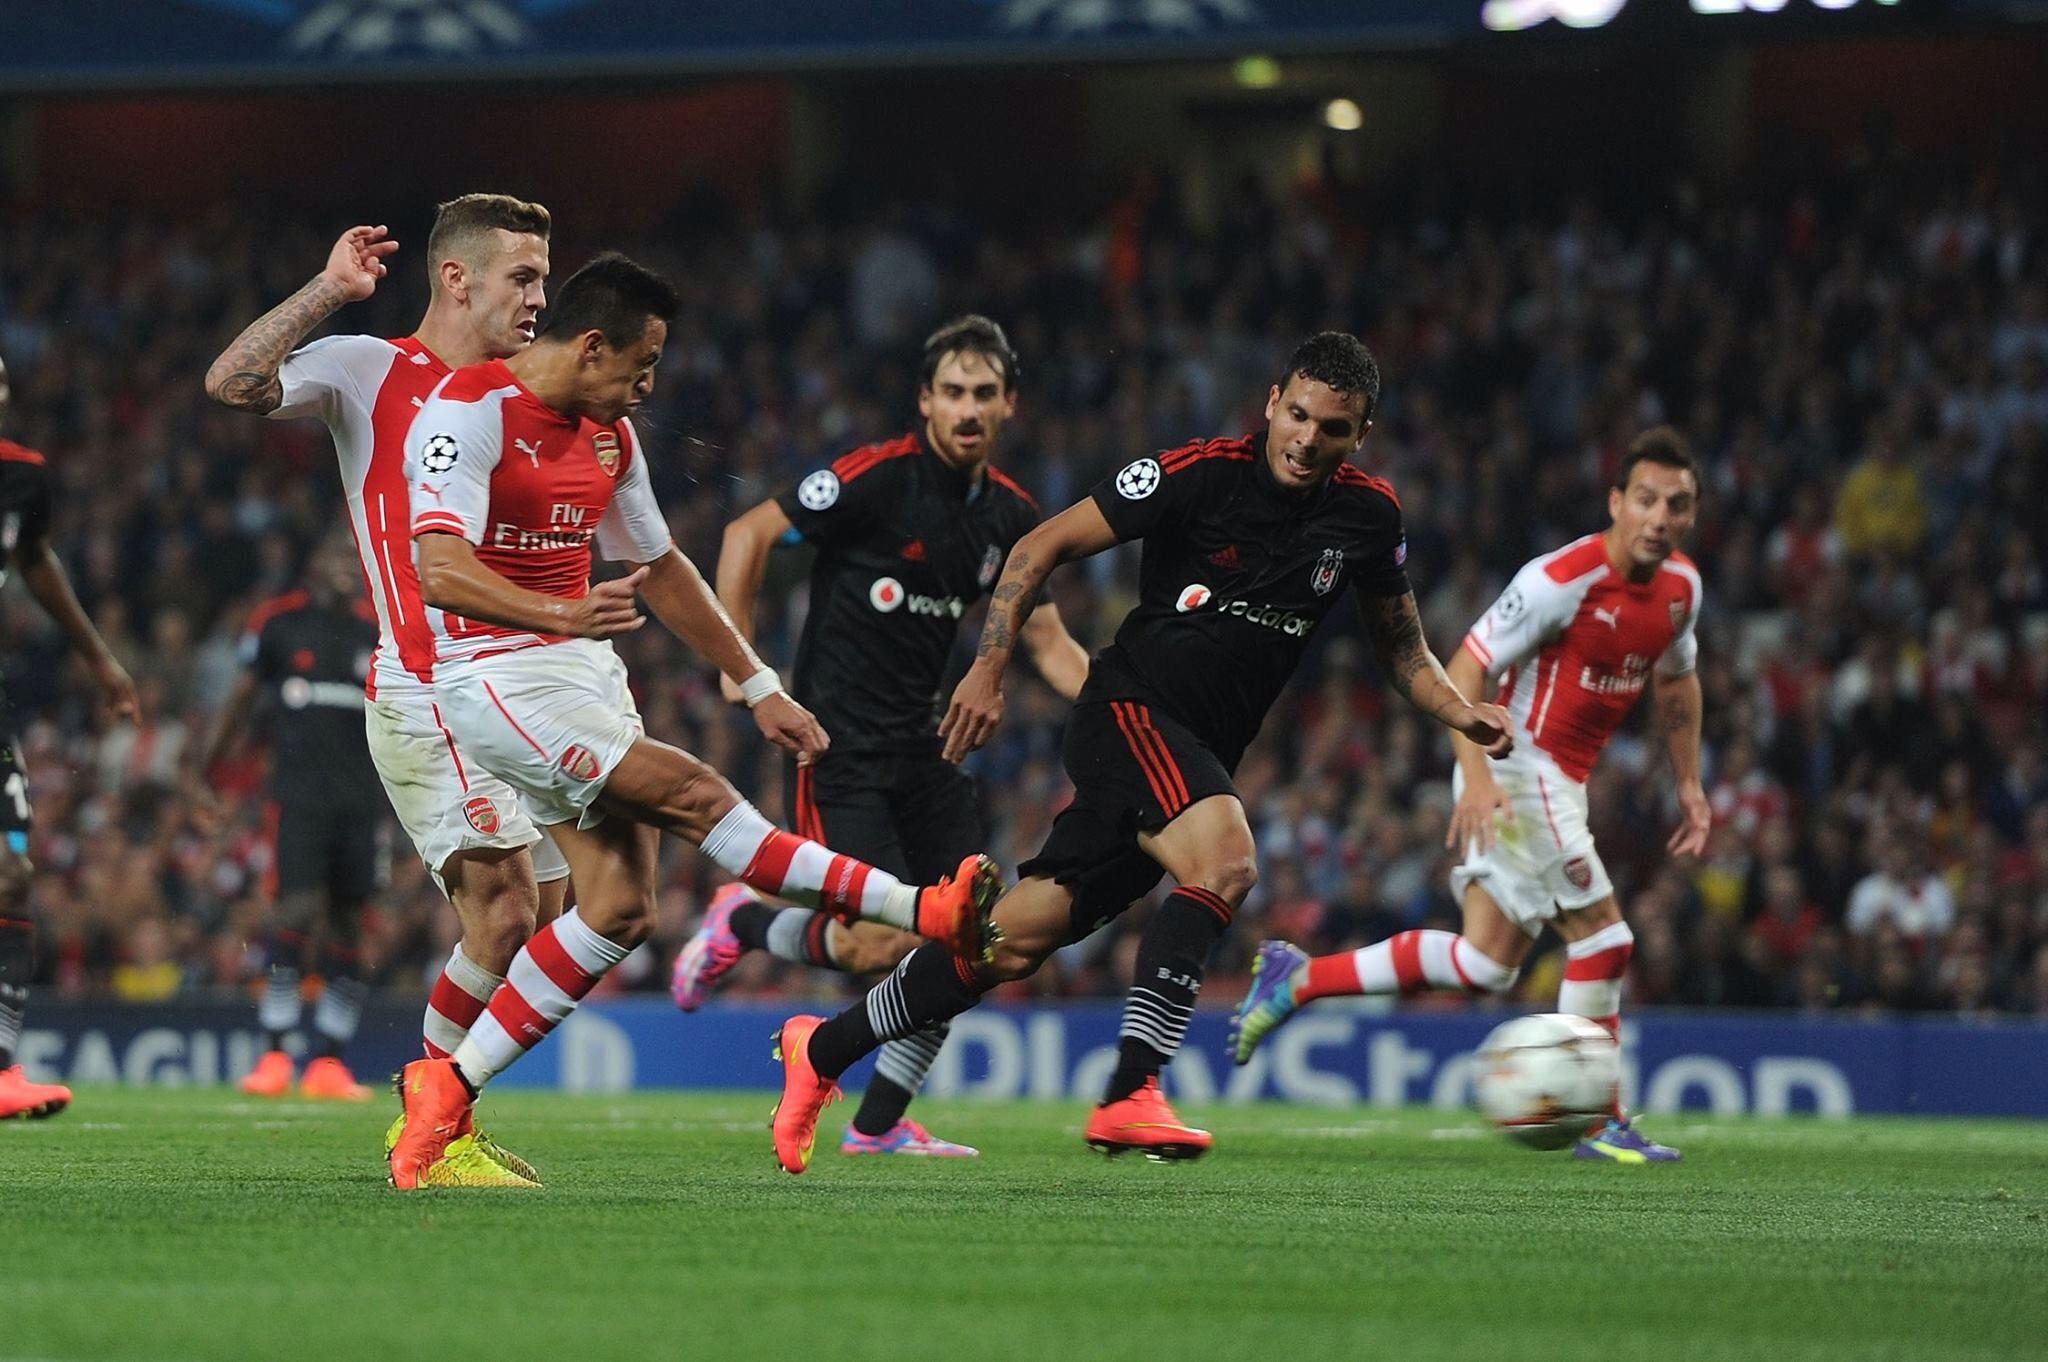 Arsenal 1 Besiktas 0 - Alexis scoring our 25 million goal!